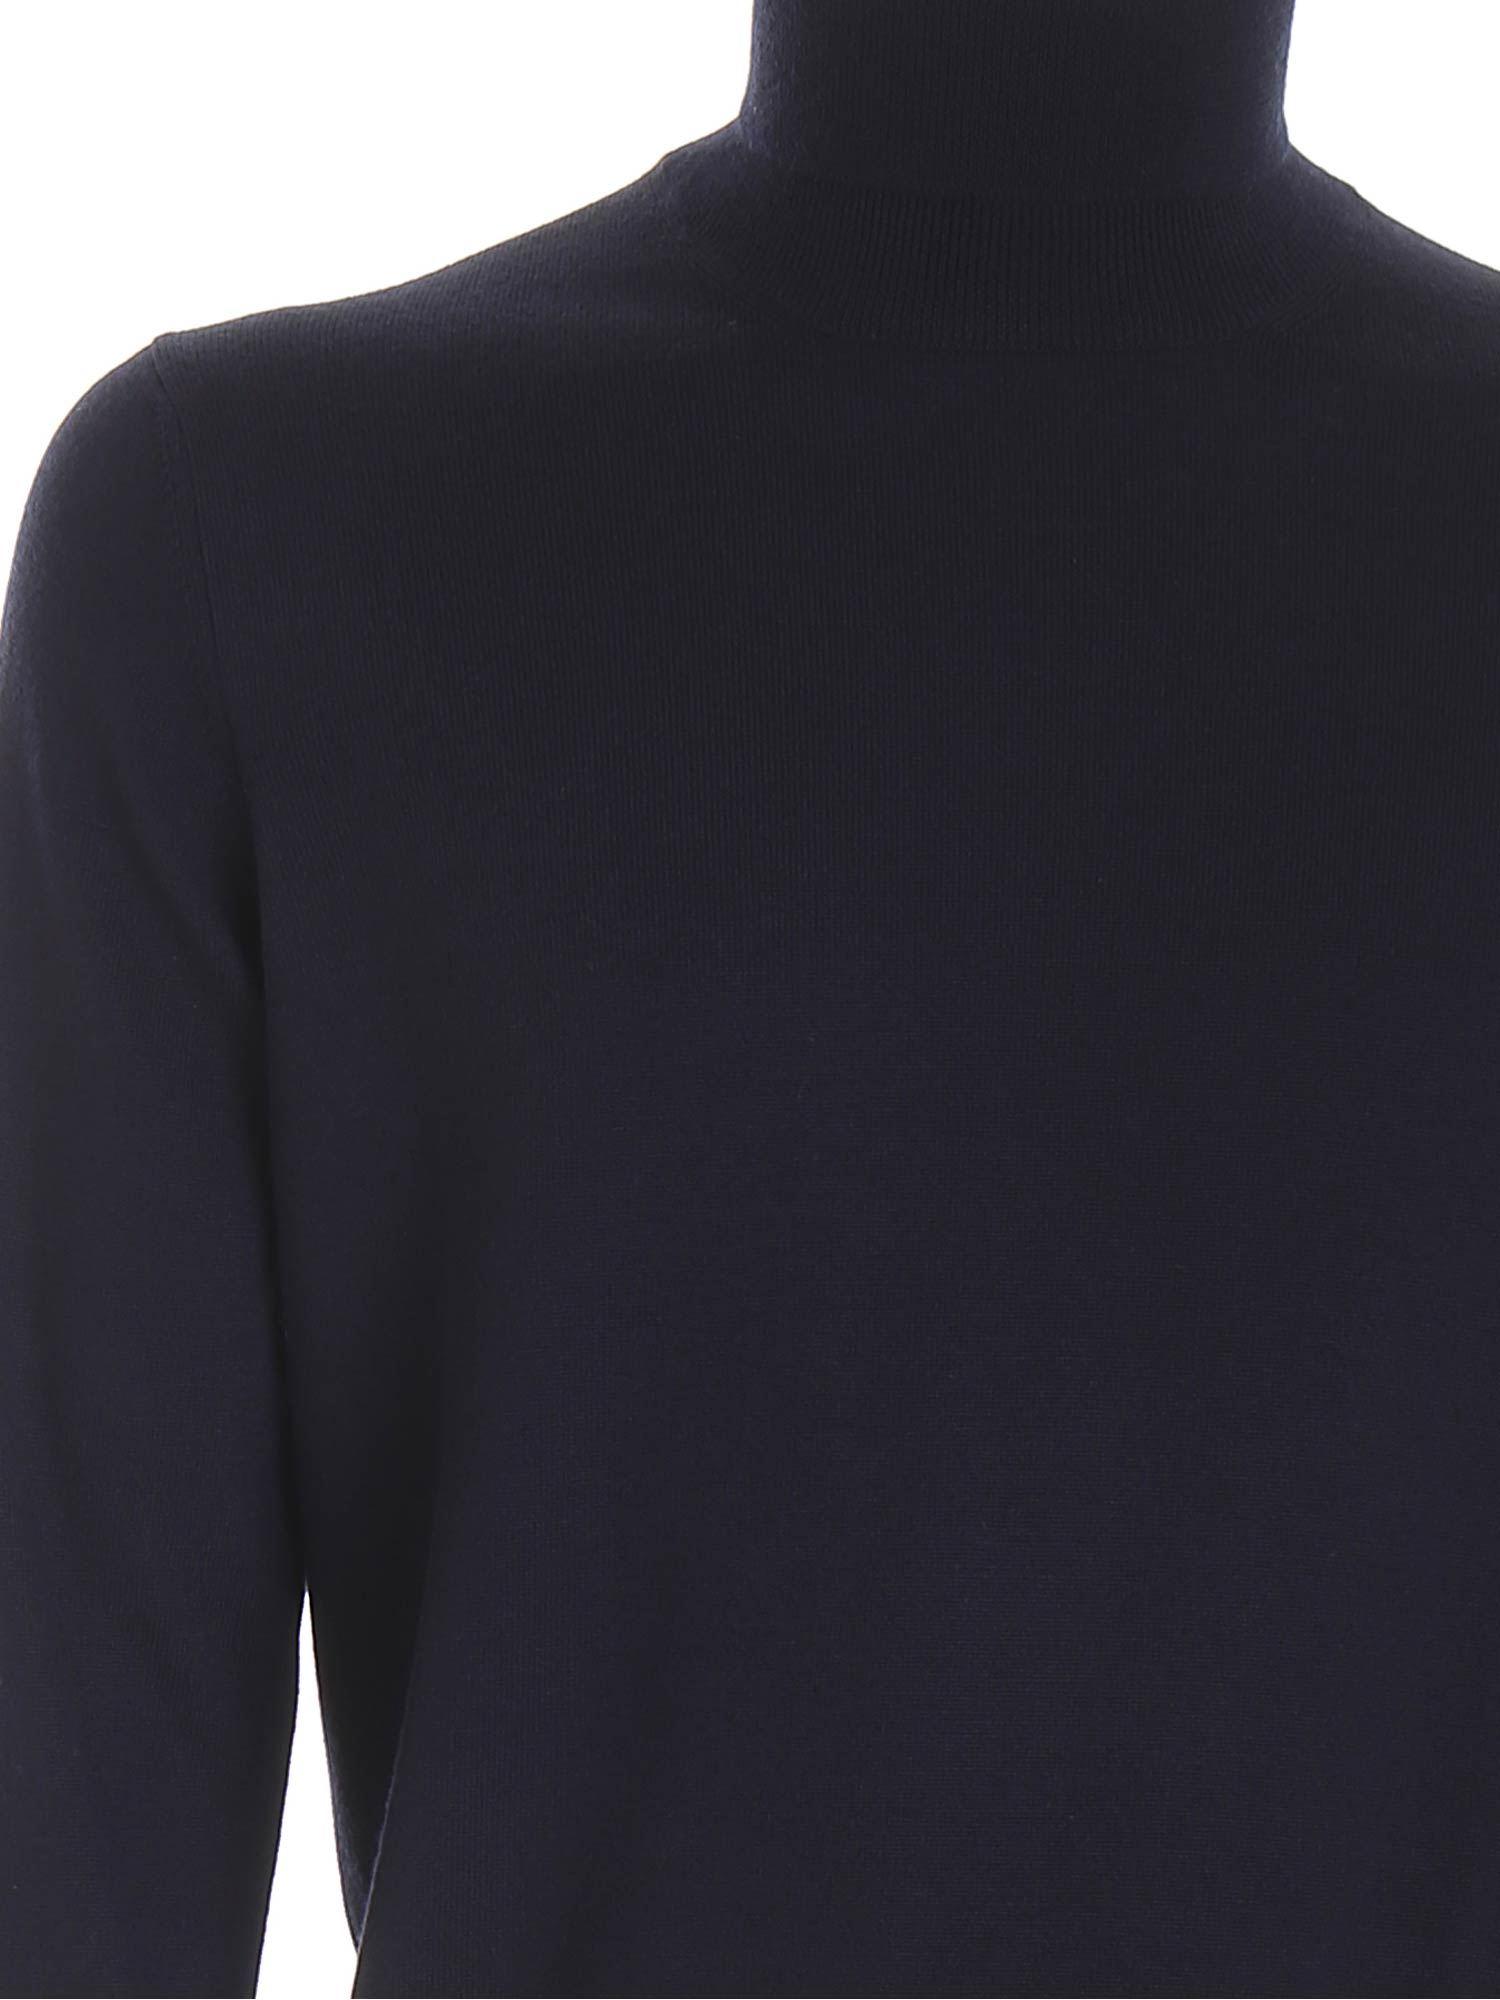 WOOL TURTLENECK IN BLUE PAOLO FIORILLO CAPRI | 10000016 | 5515714290598